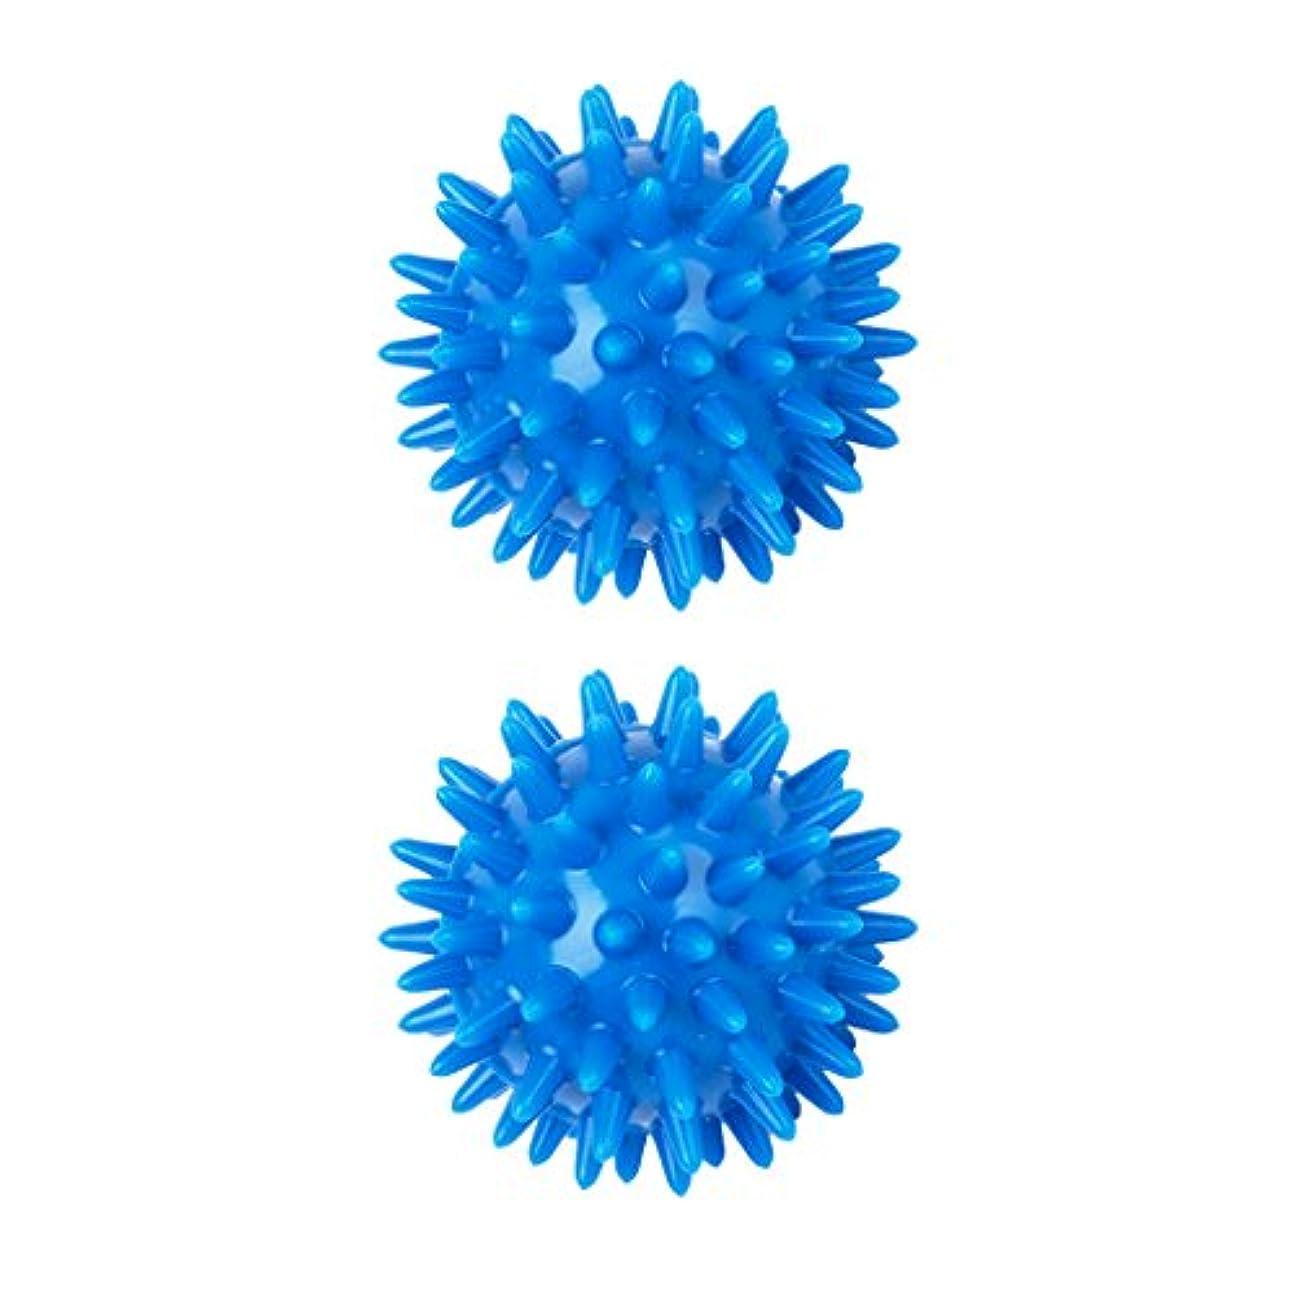 肌差別する落ち着いてsharprepublic 2個 足 足首 背中 マッサージボール 筋肉緊張和らげ 血液循環促進 5.5cm PVC製 ブルー